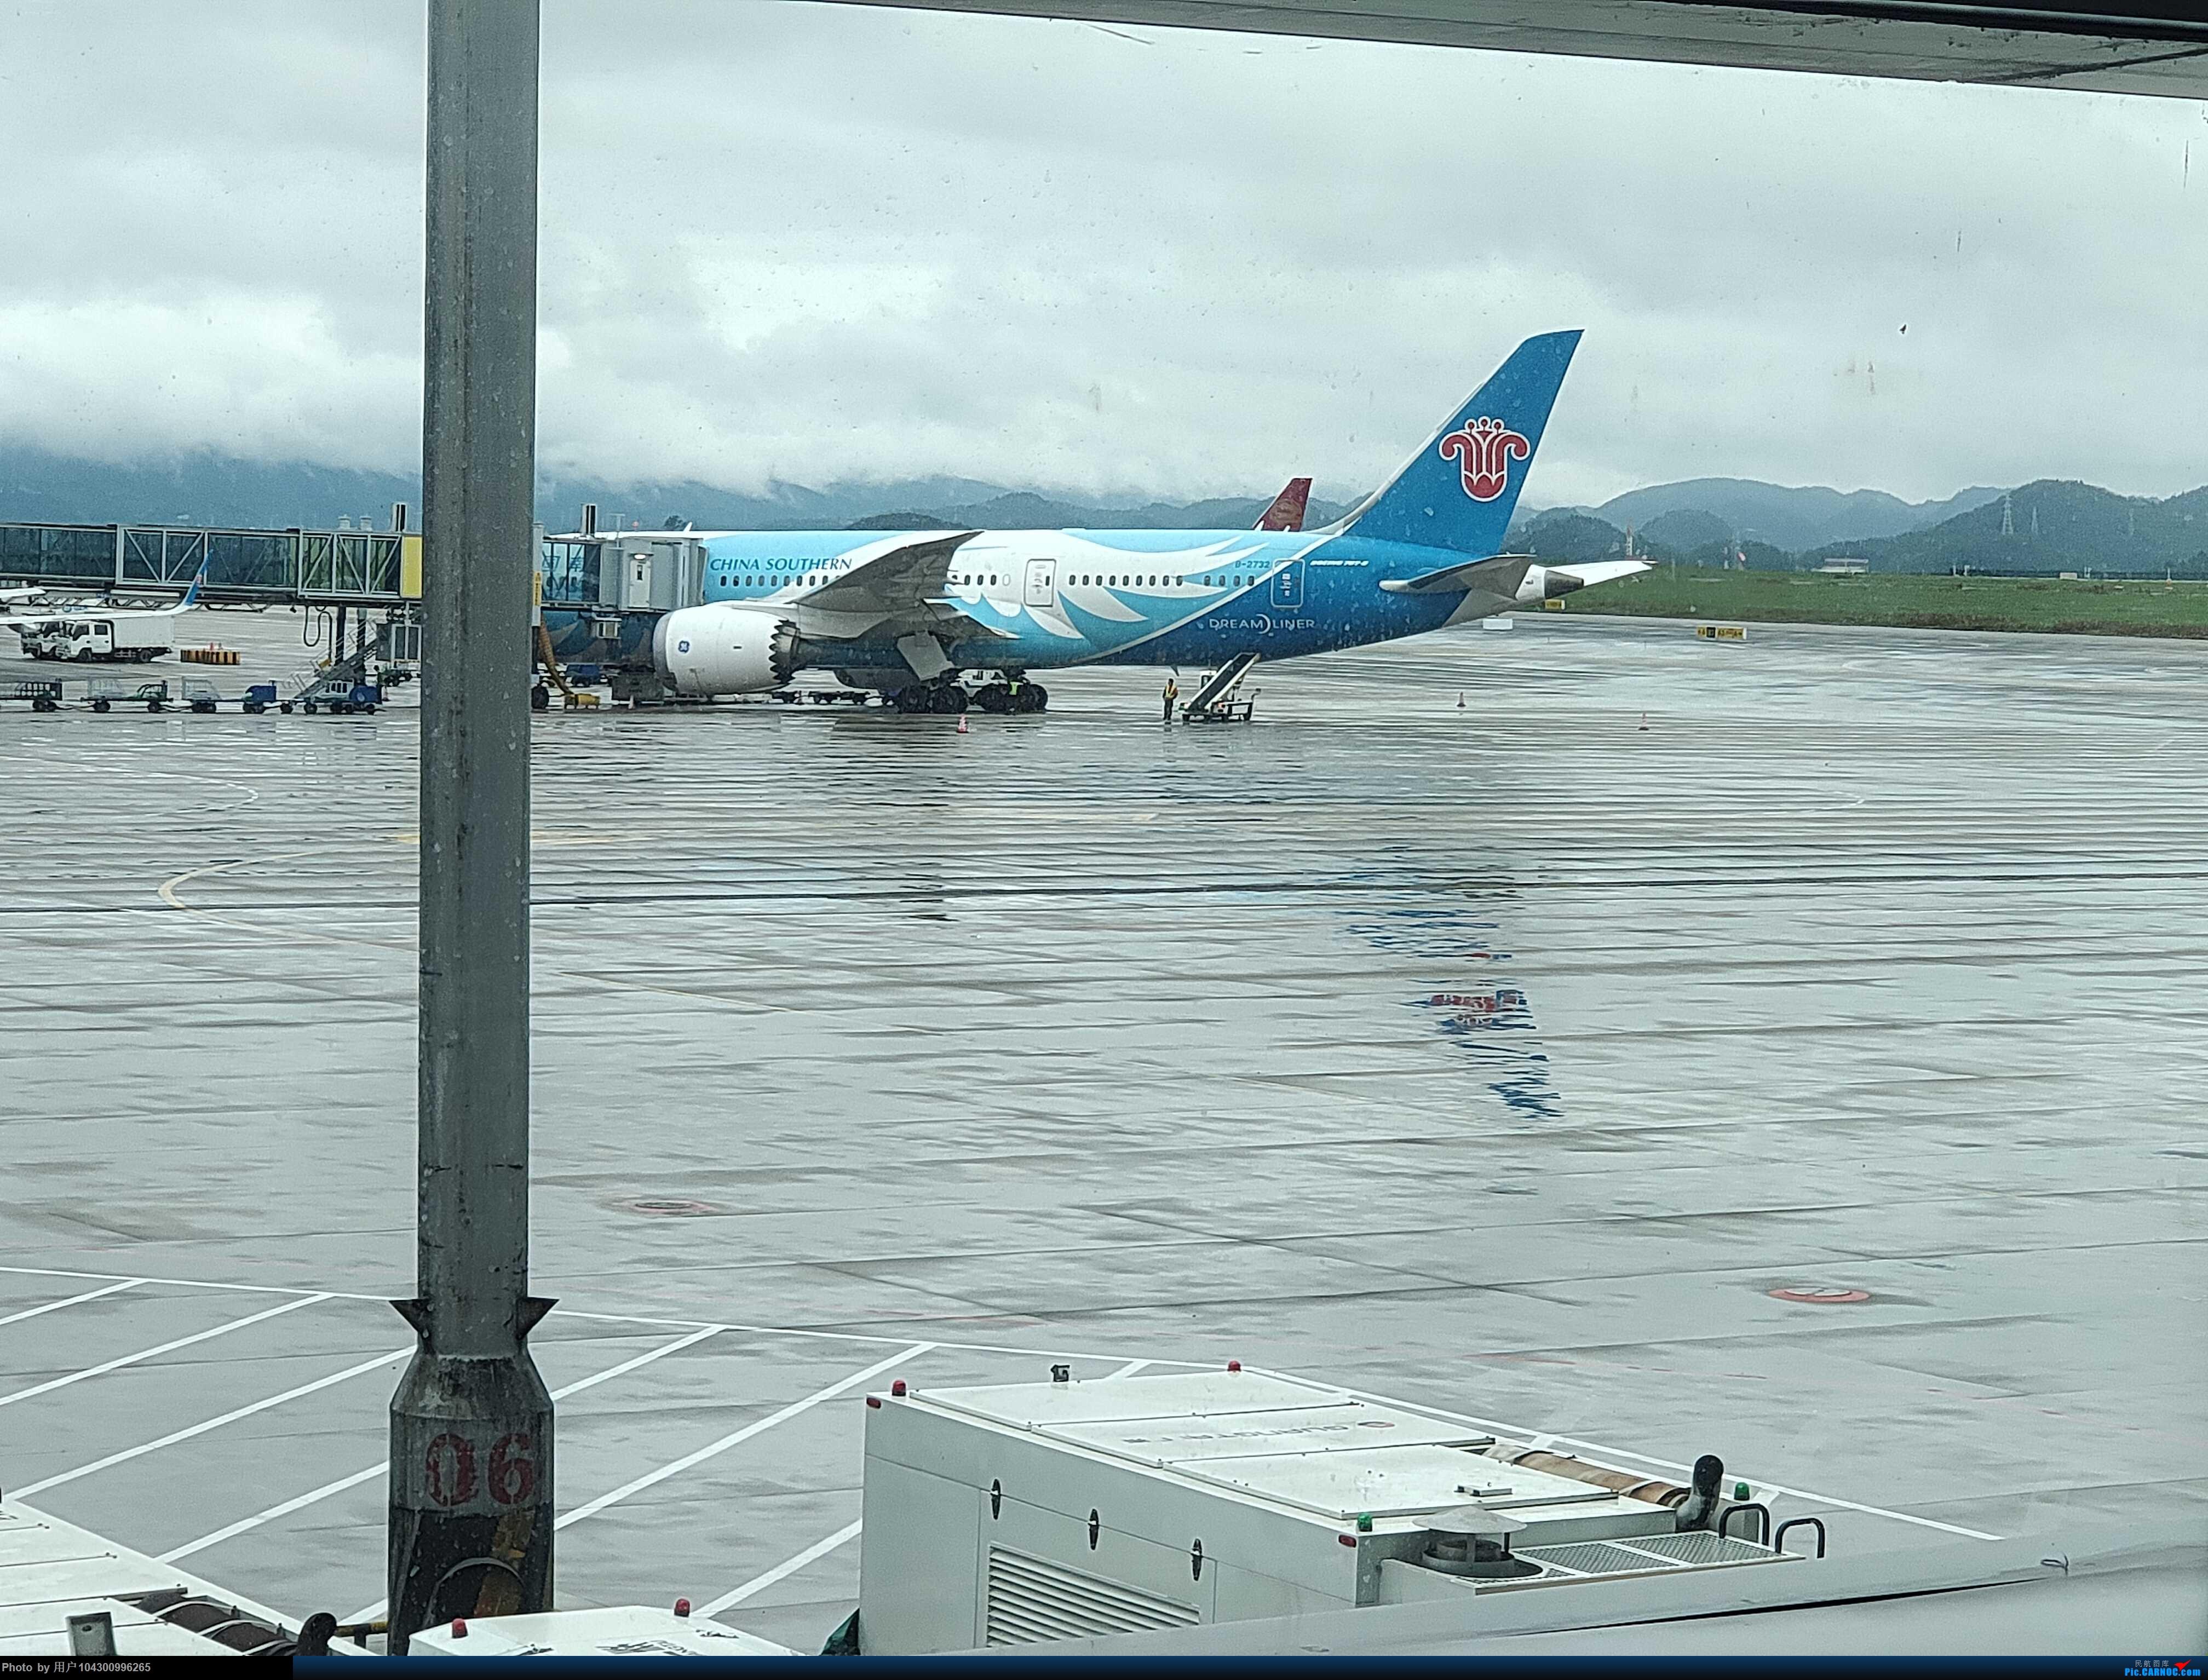 Re:[原创]DM国庆游记之G5贵阳-黎平往返 BOEING 787-8 B-2732 中国贵阳龙洞堡国际机场